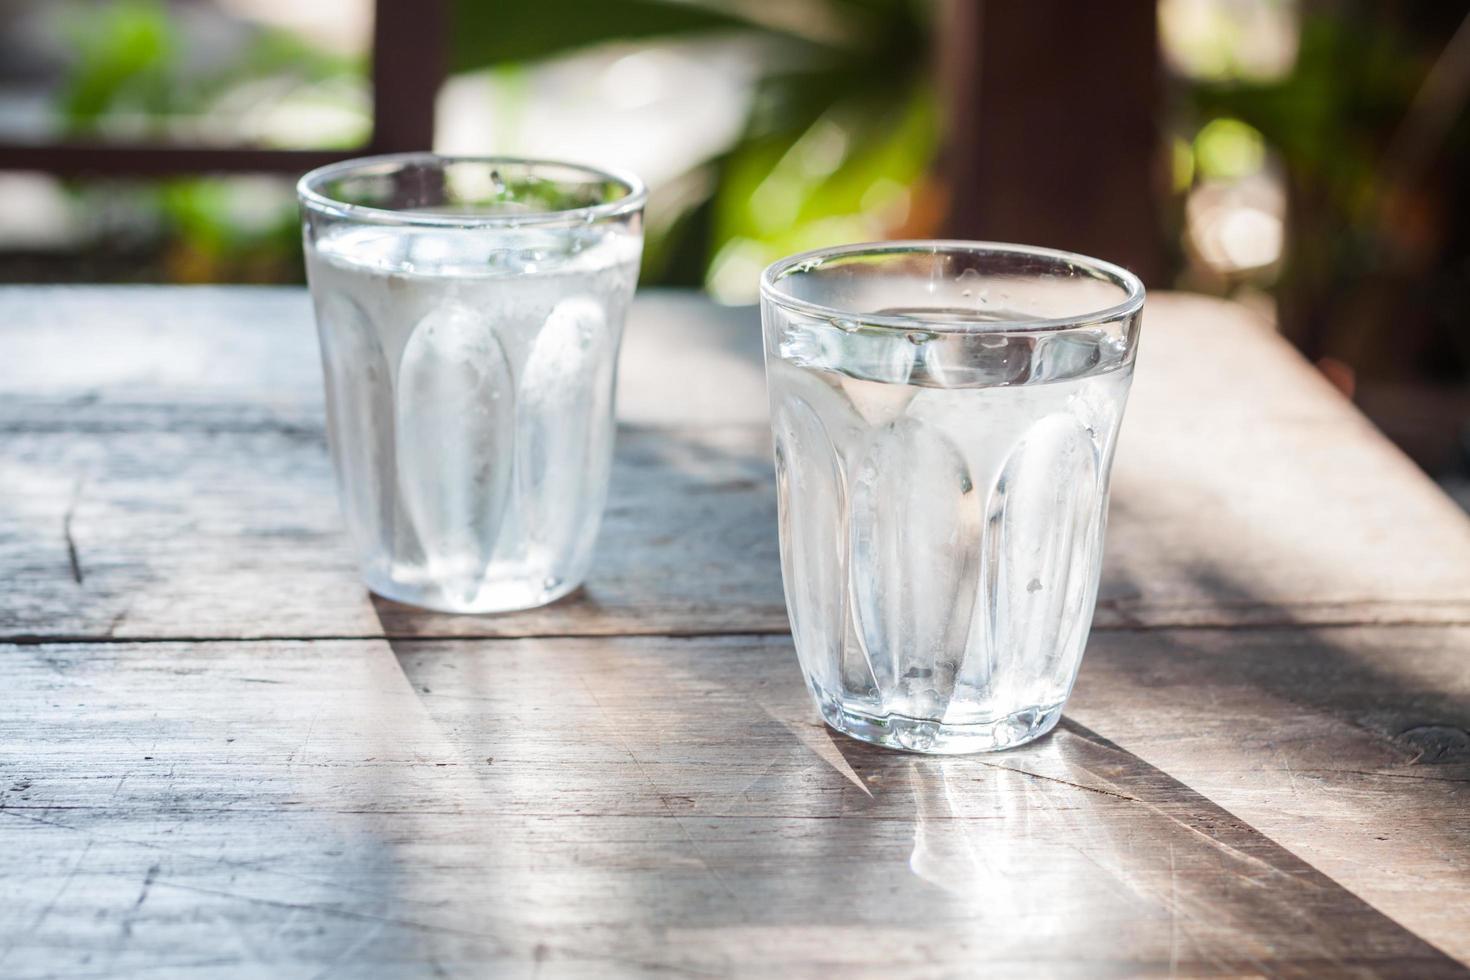 Dos vasos de agua foto